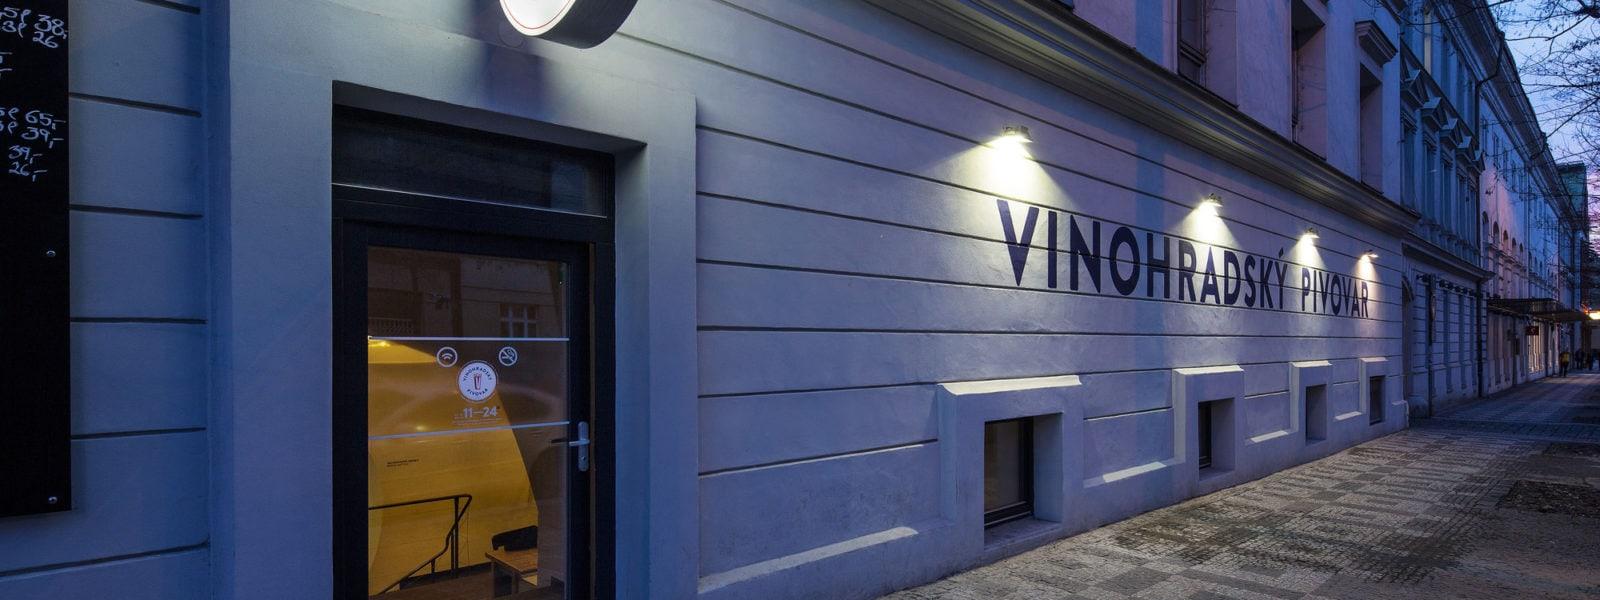 Vinohradský Pivovar, Prague by OV-A